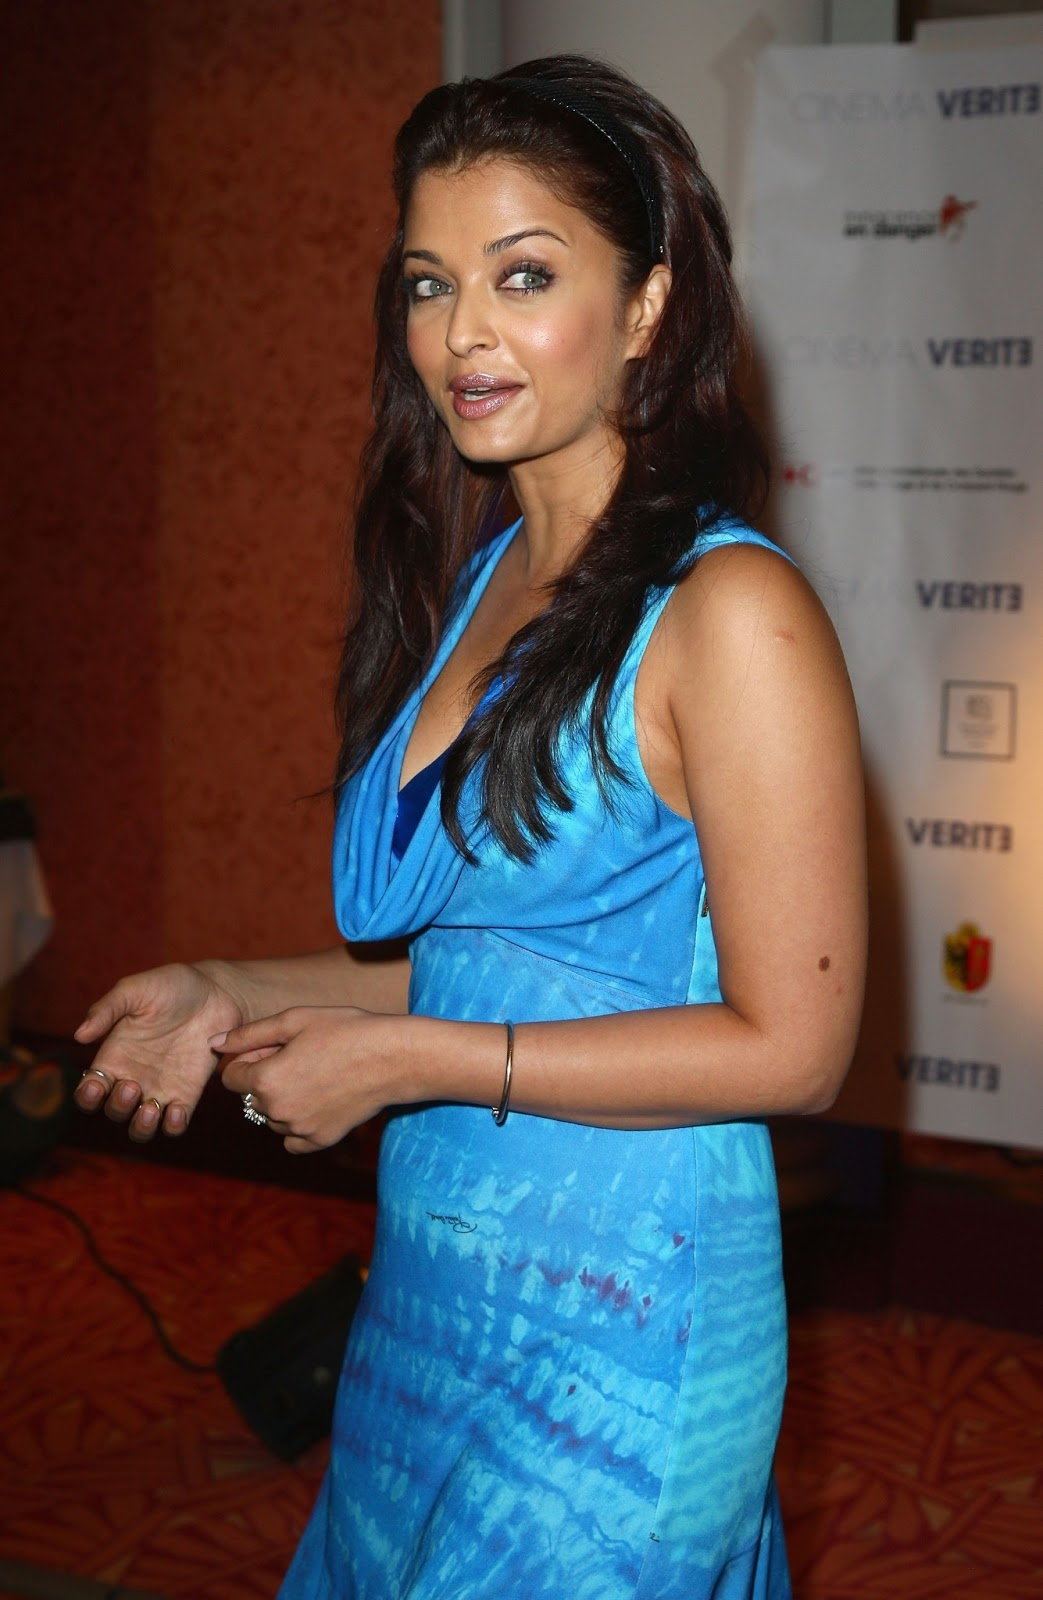 Aishwarya Rai Unseen Oily Face Without Makeup Face Photos